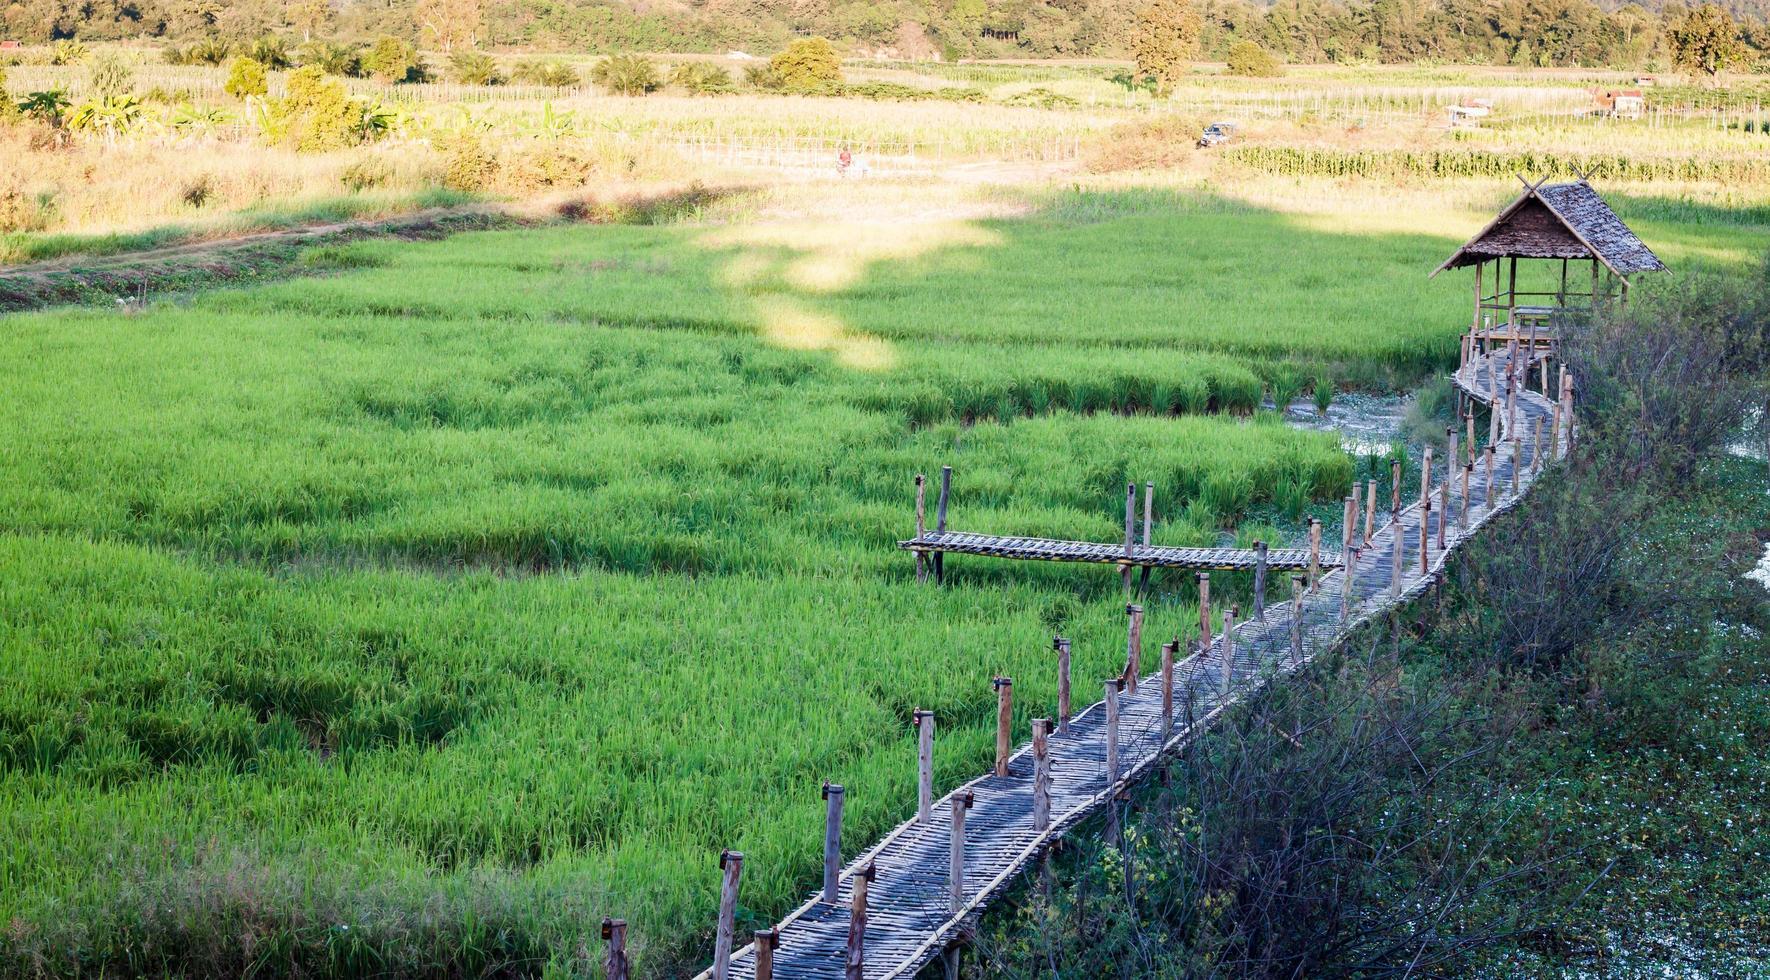 Chiang Rai, Thailand, 2020 - A green rice field photo